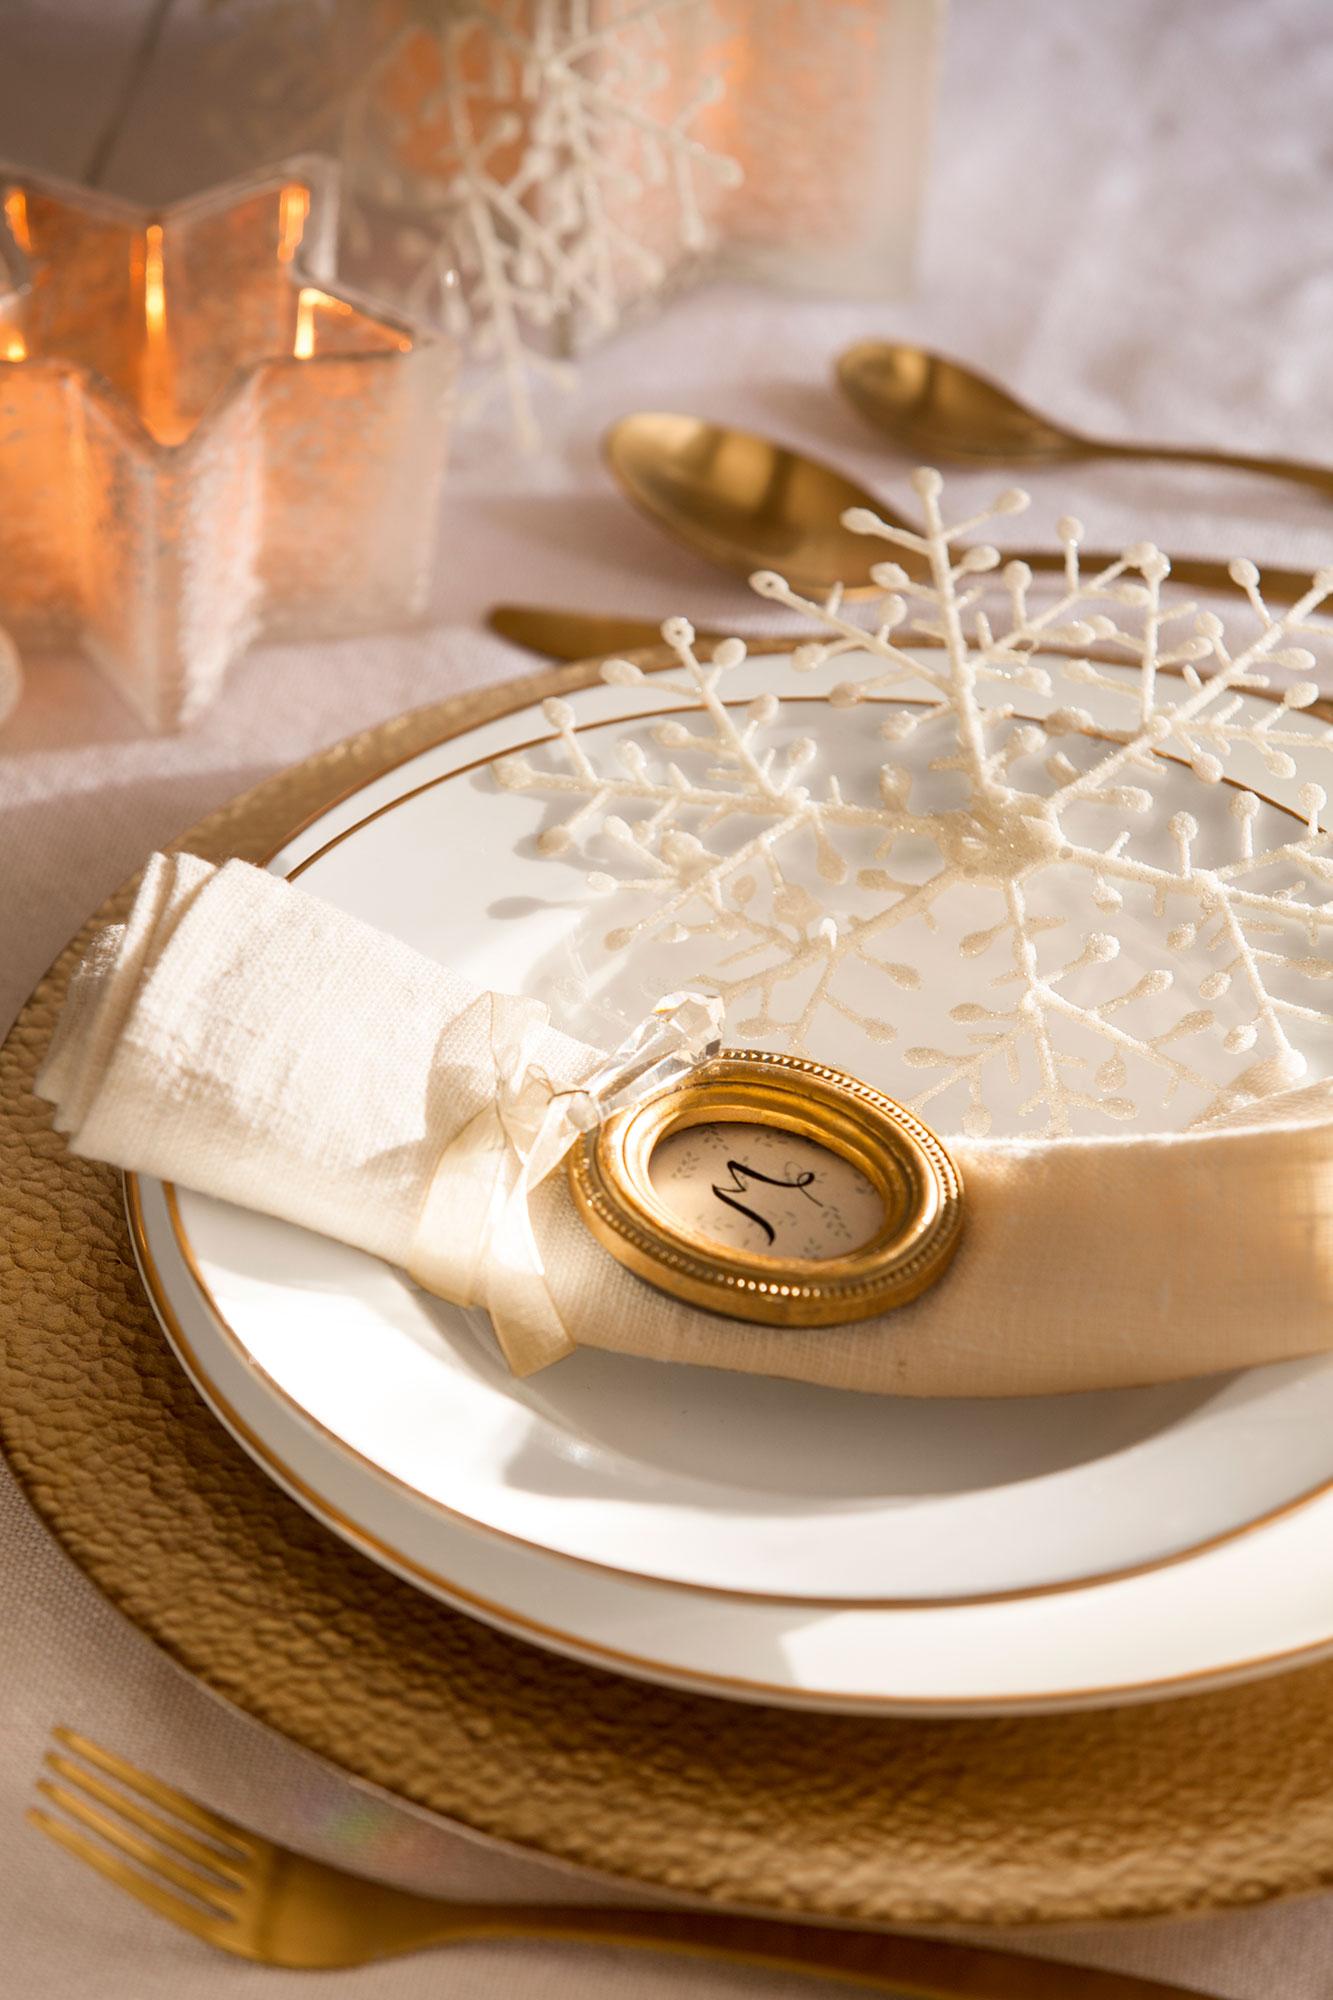 detalle de broche dorado con la inicial del comensal a modo de mesa decorada